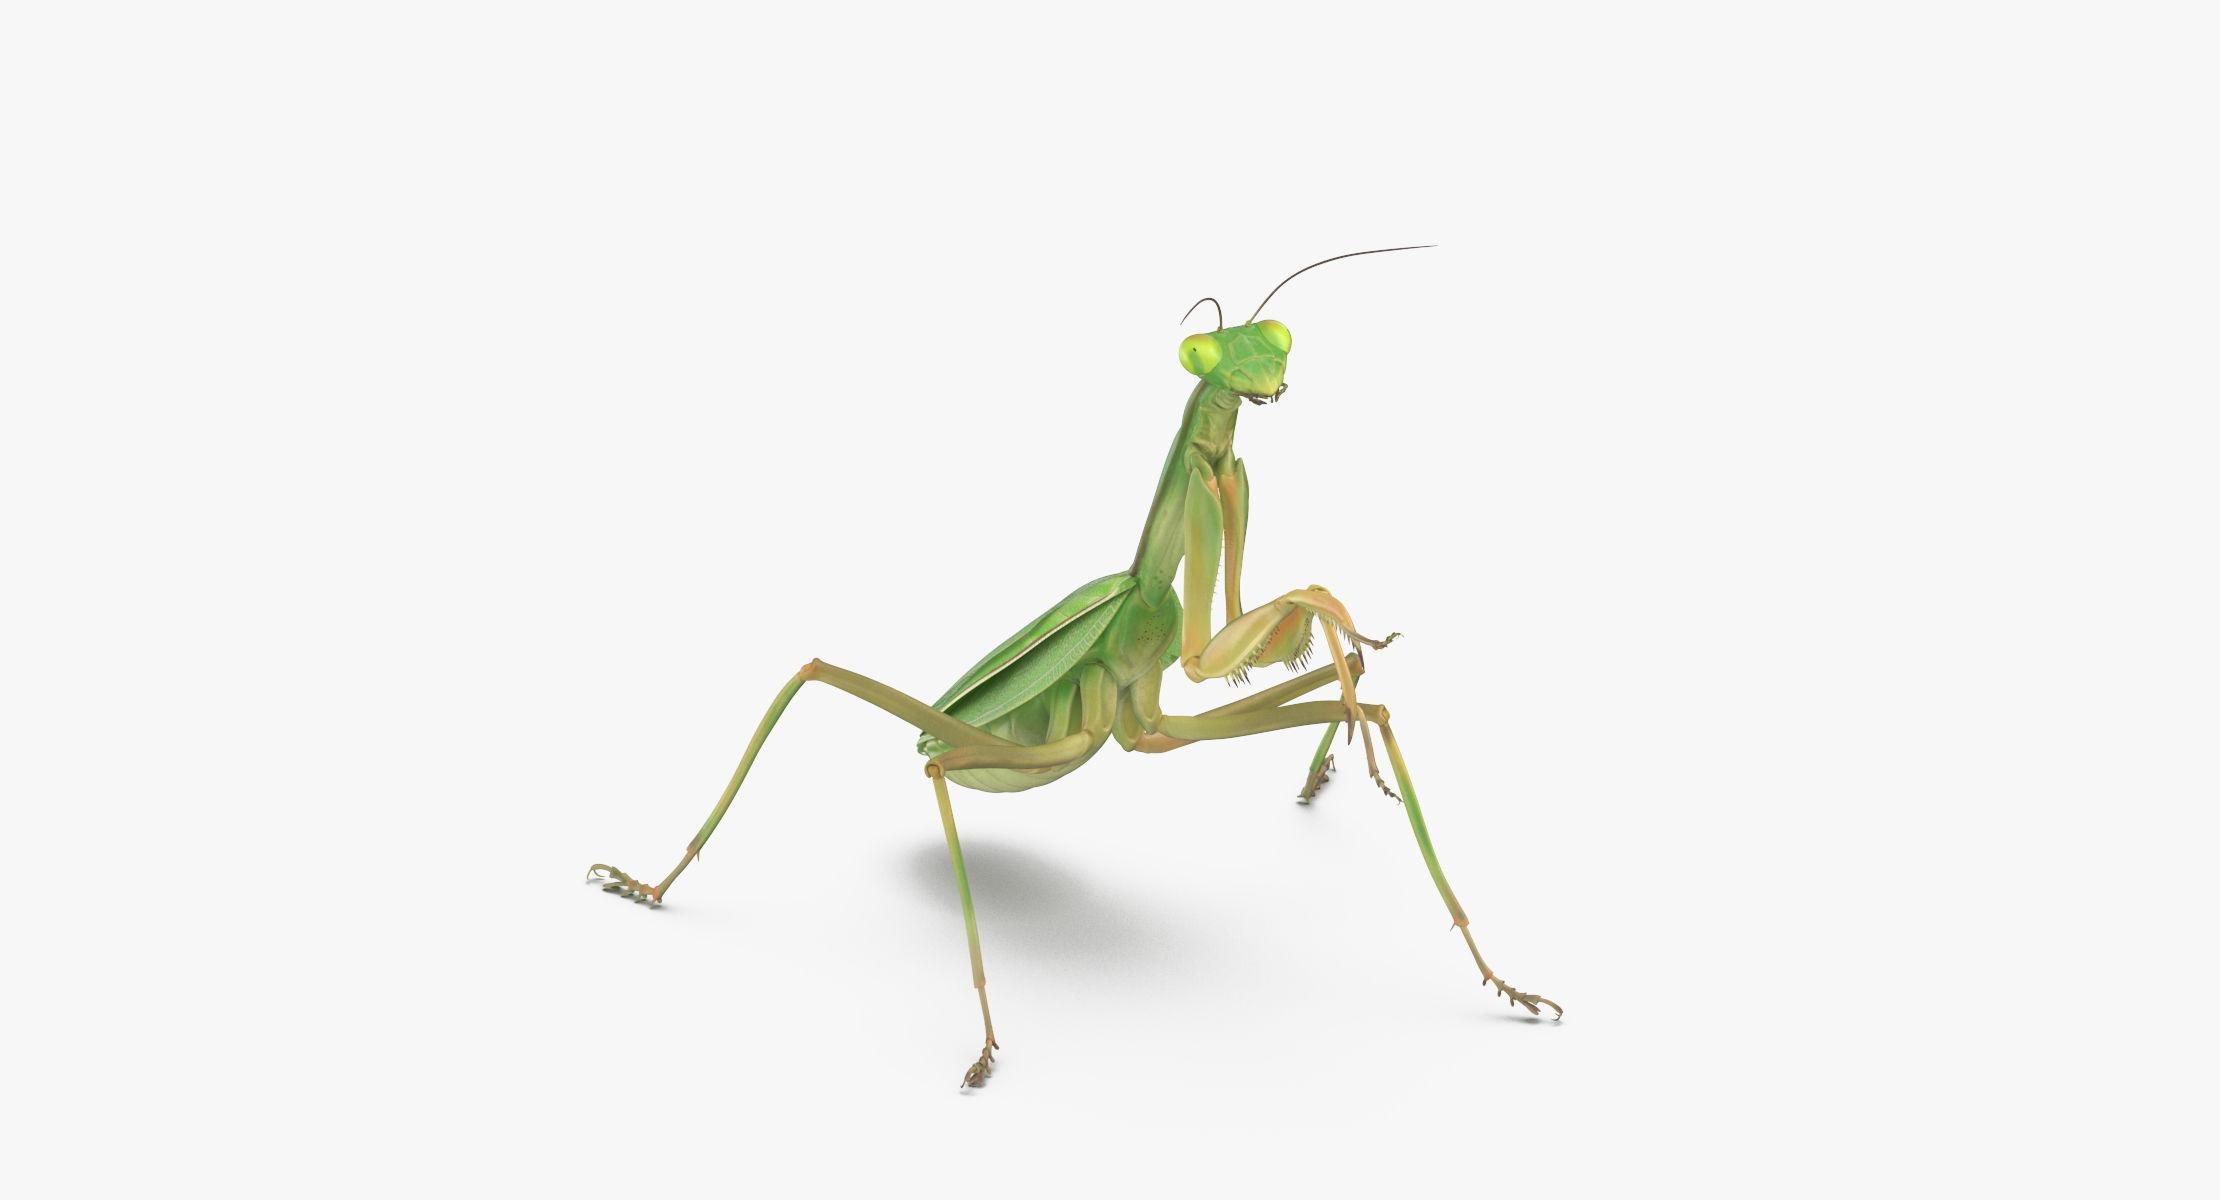 Praying Mantis Standing - reel 1